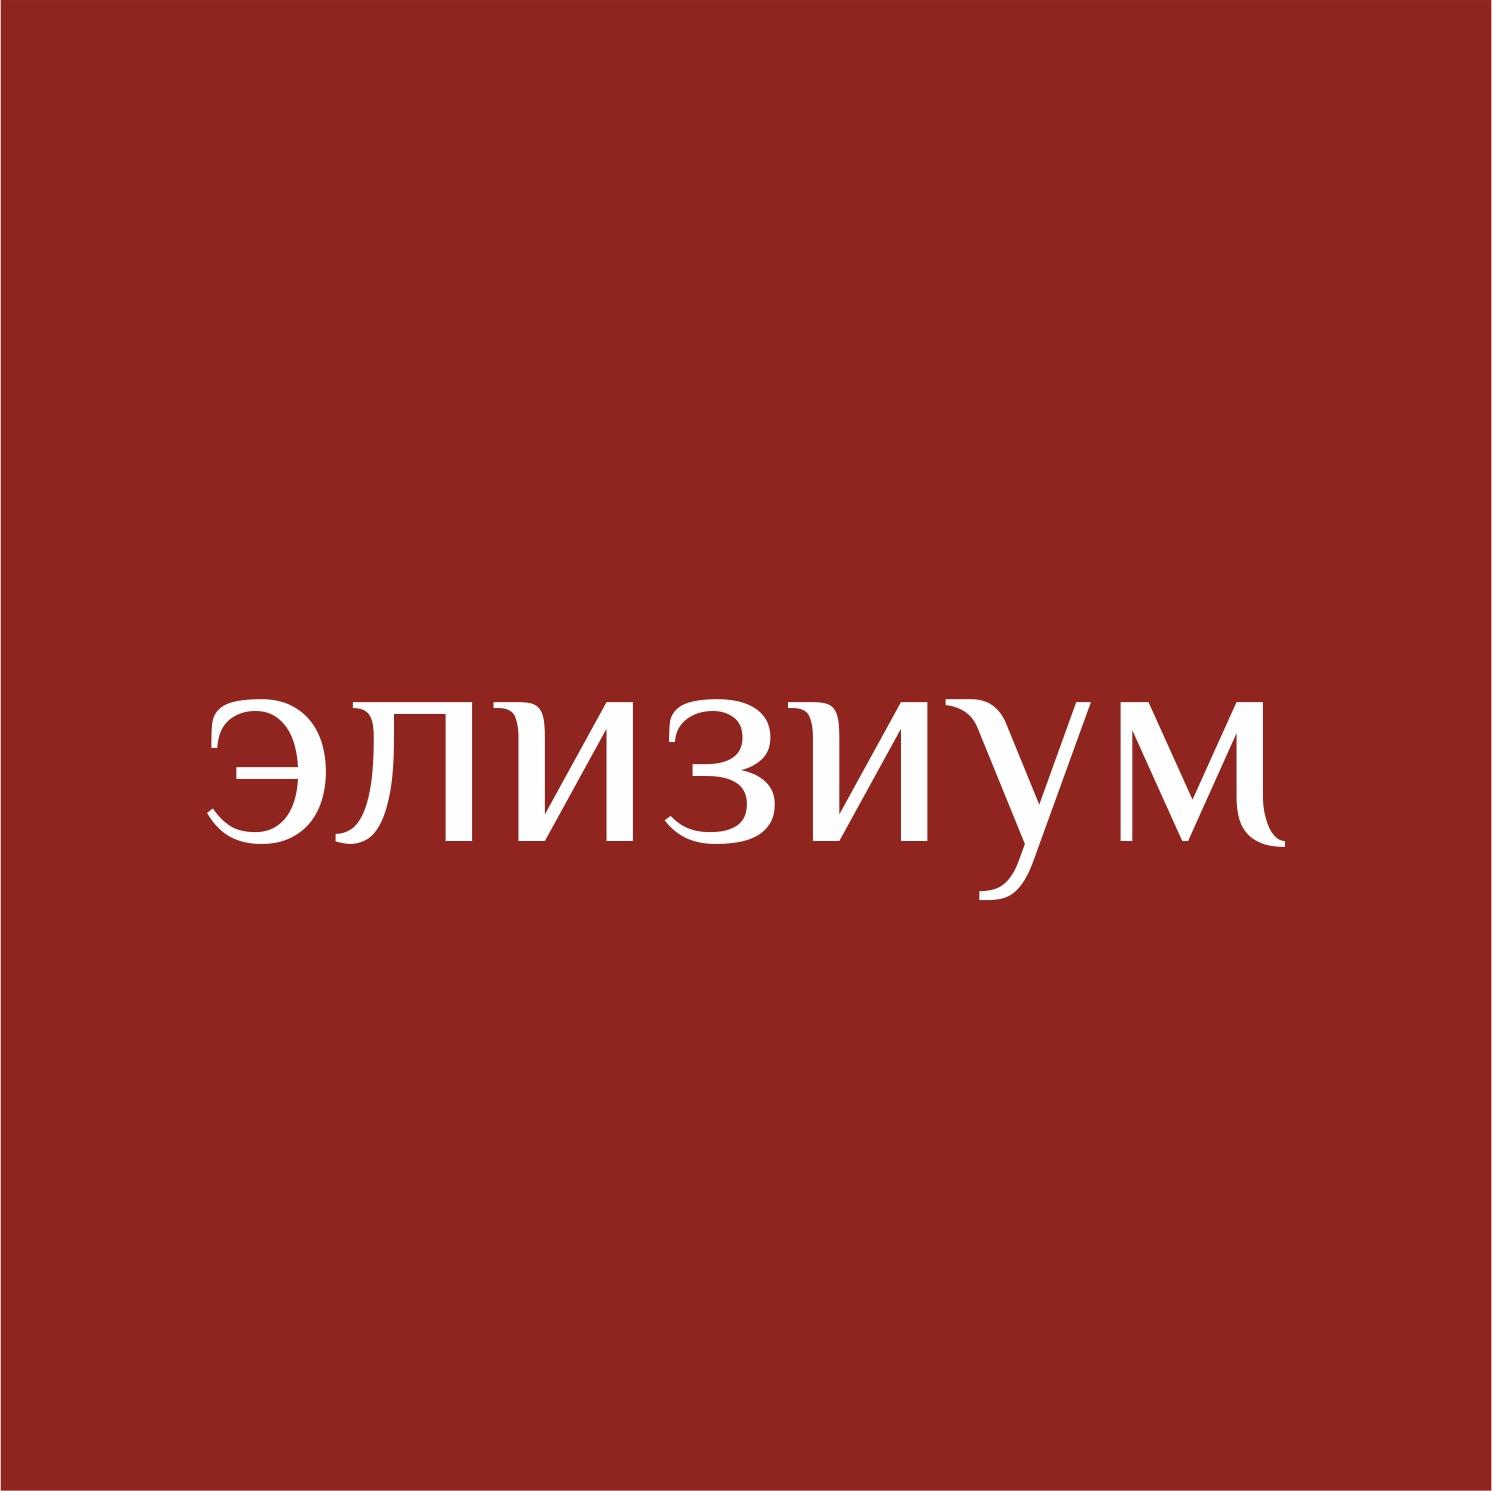 Название для проекта. Цифровое государство. фото f_6705c372387d44ef.jpg